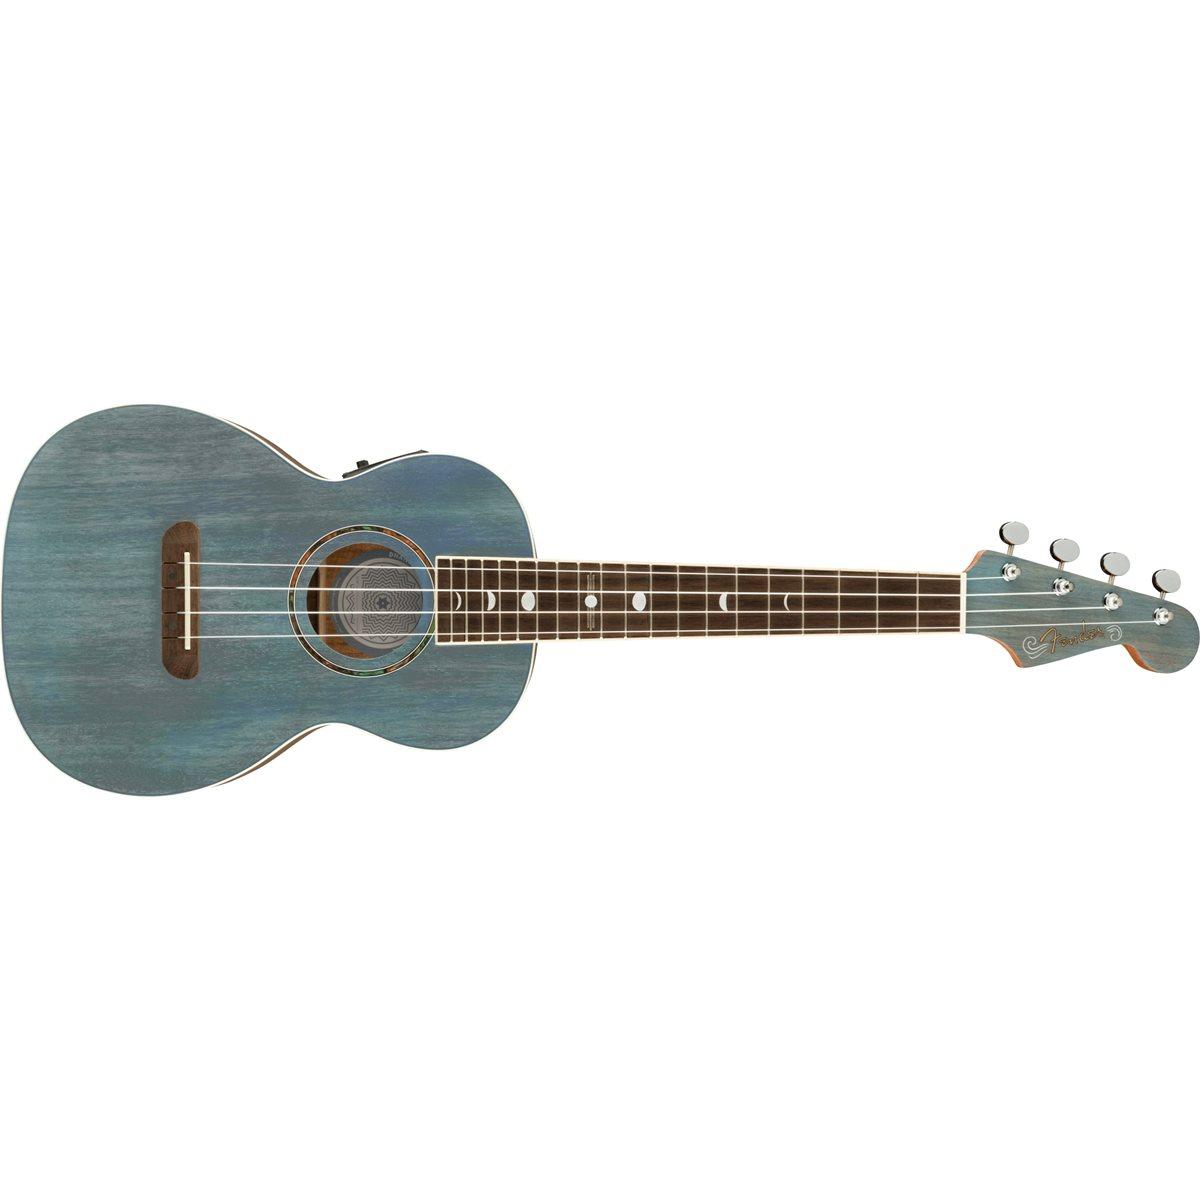 FENDER - DHANI HARRISON UKE - Turquoise